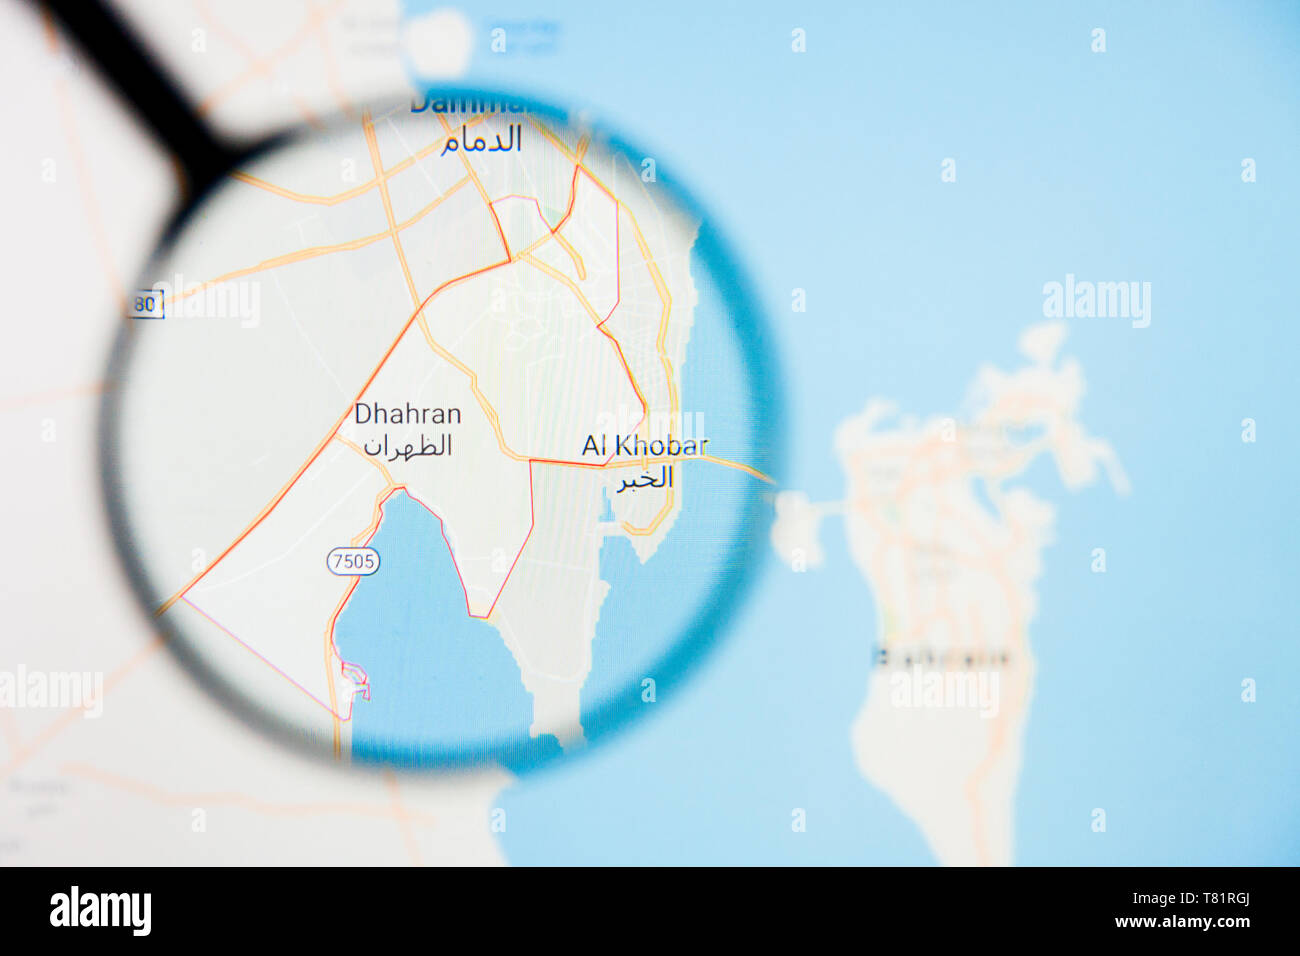 Dhahran Saudi Arabia Stock Photos & Dhahran Saudi Arabia Stock